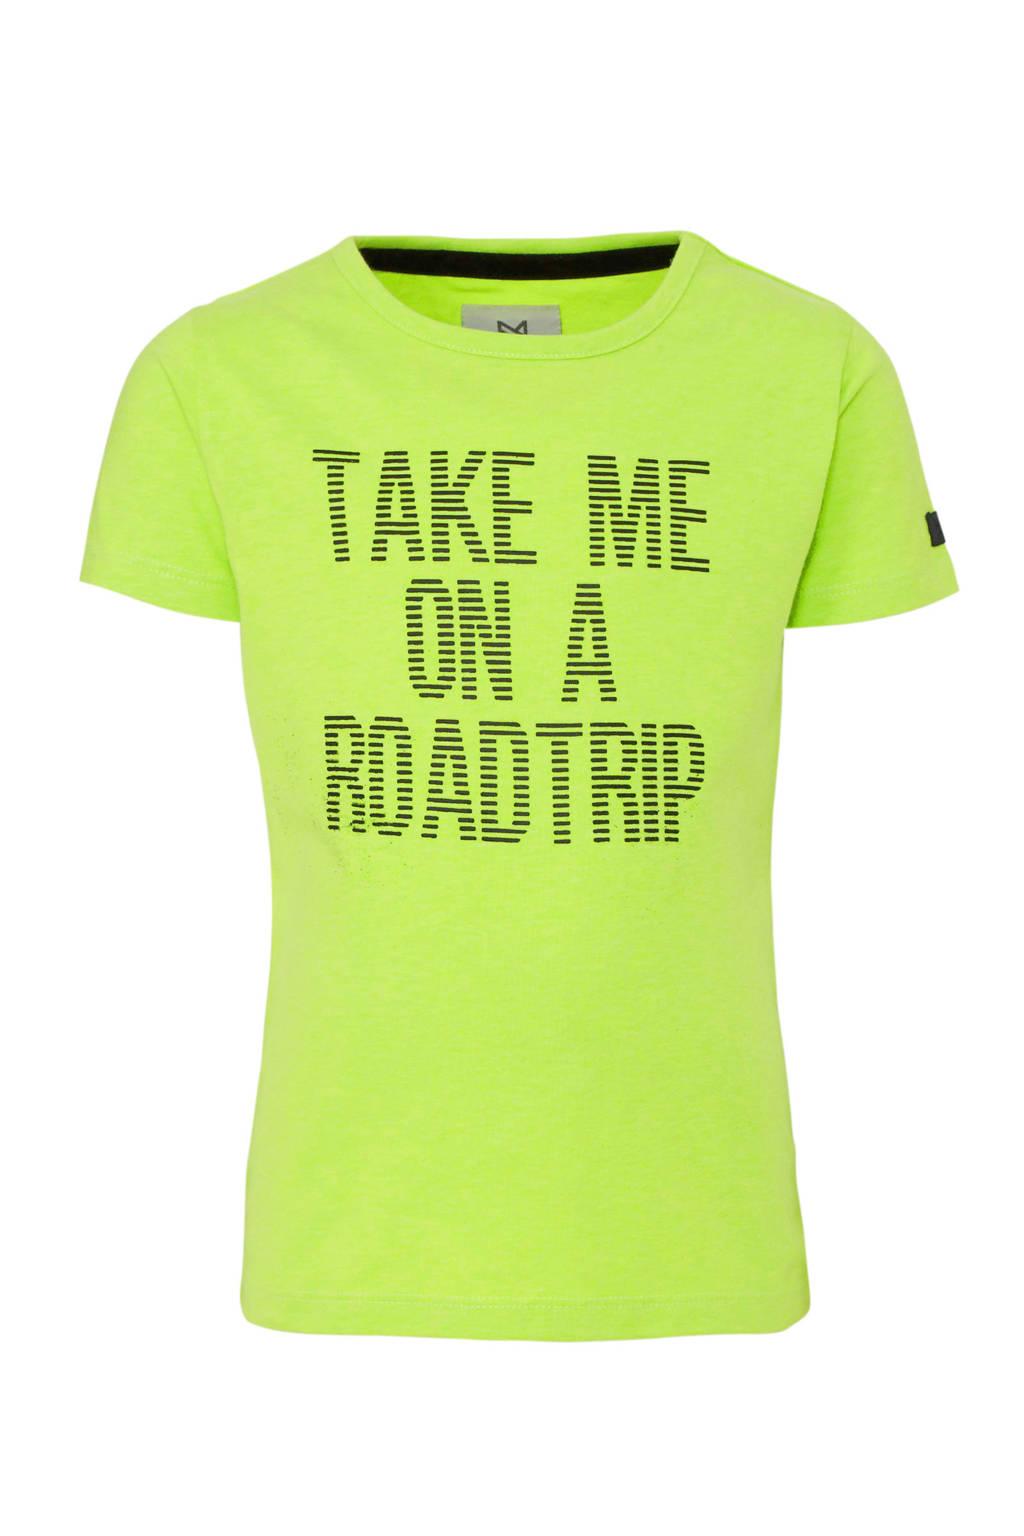 Koko Noko T-shirt met tekst neon geel/zwart, Neon geel/zwart